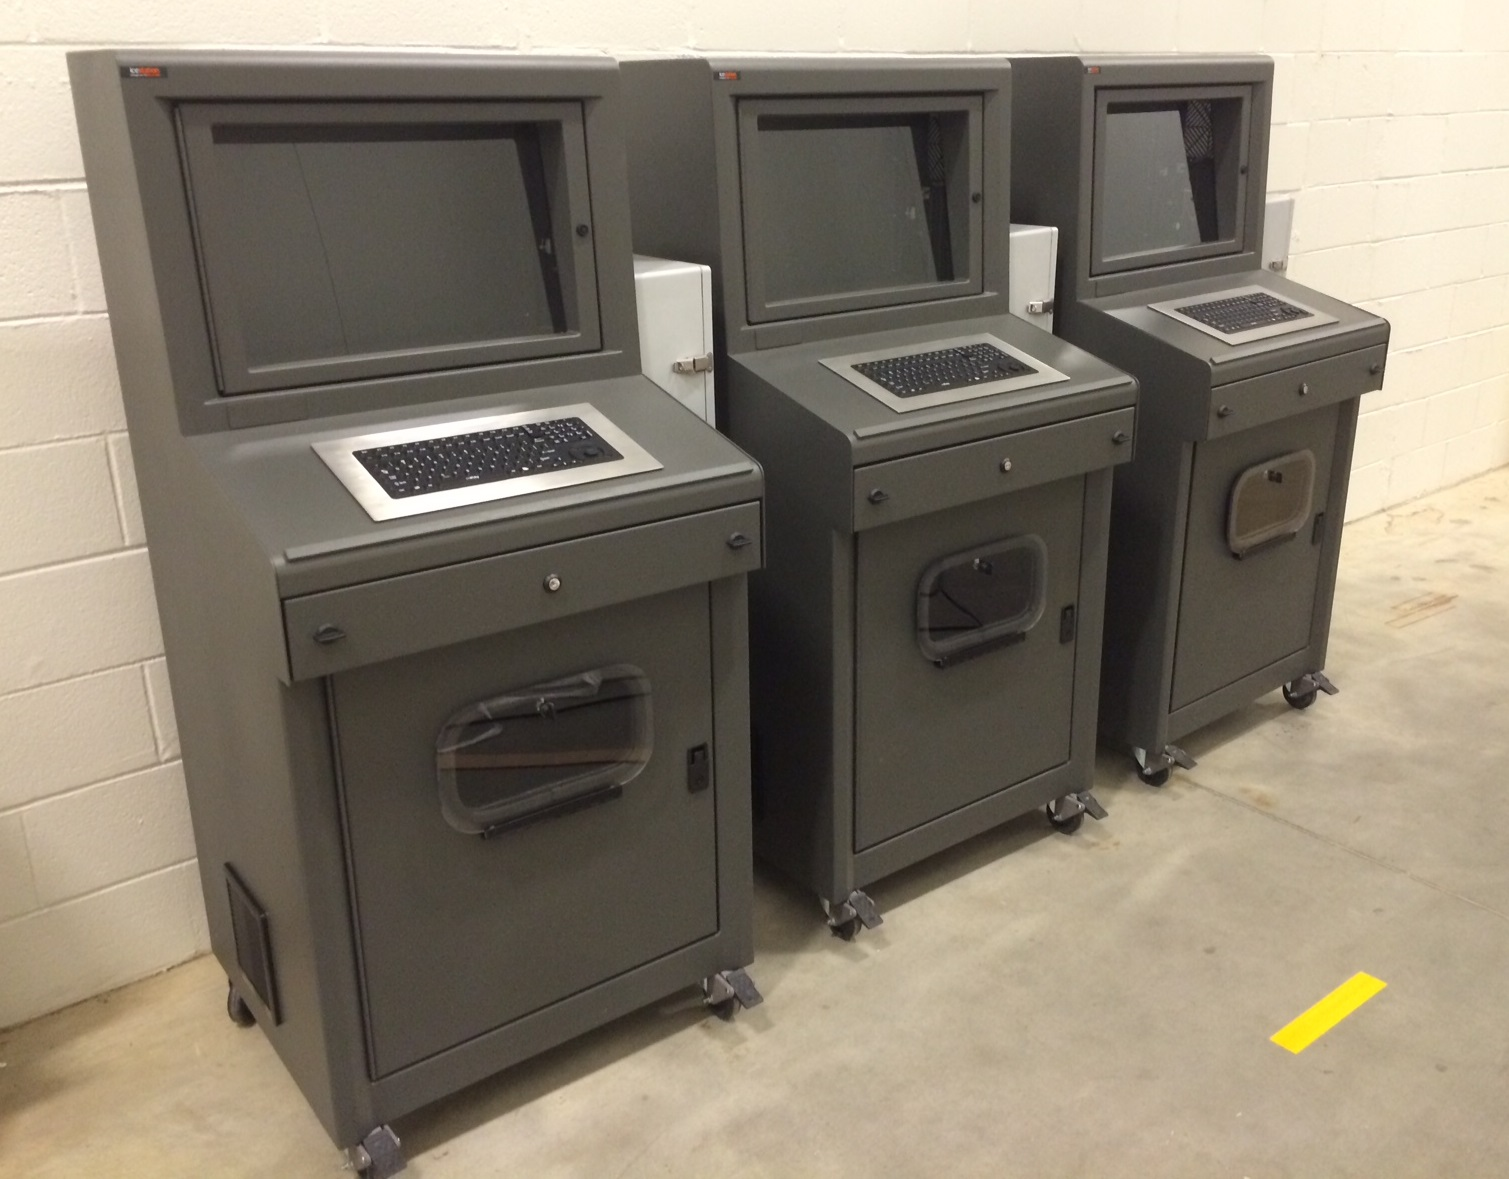 Puratos_Corporation_-_ITSENCLOSURES_ICESTATION_TITAN_PC Enclosure